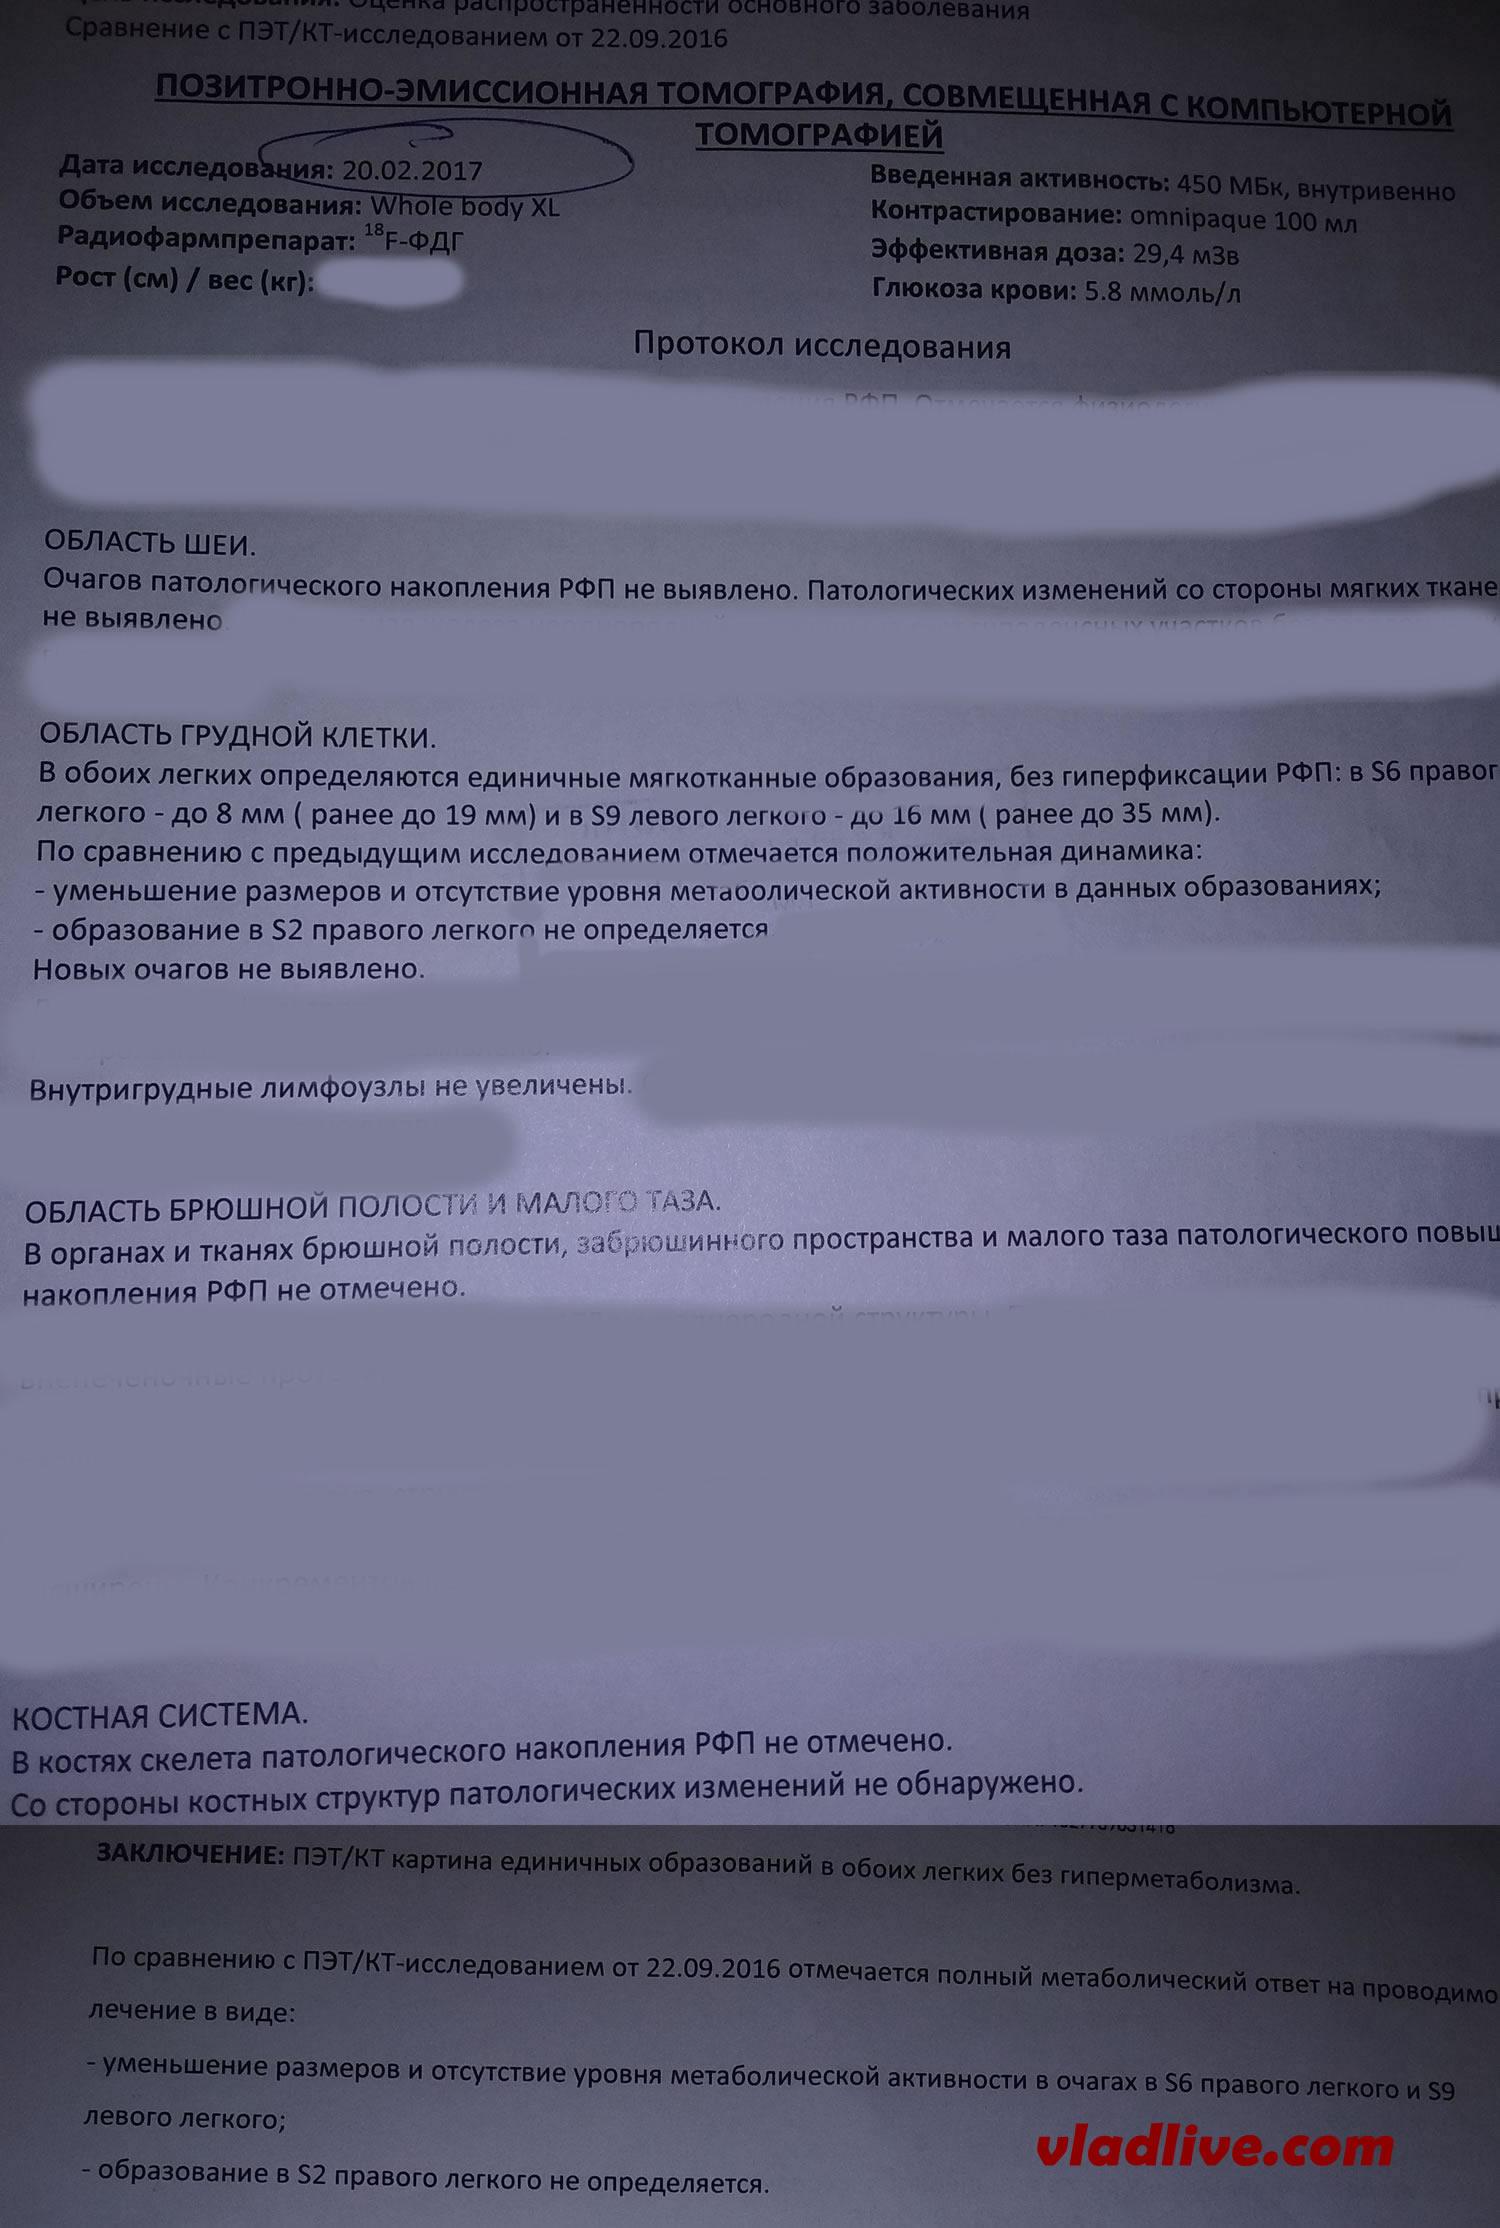 Лечение меланомы. Метастазы в легких